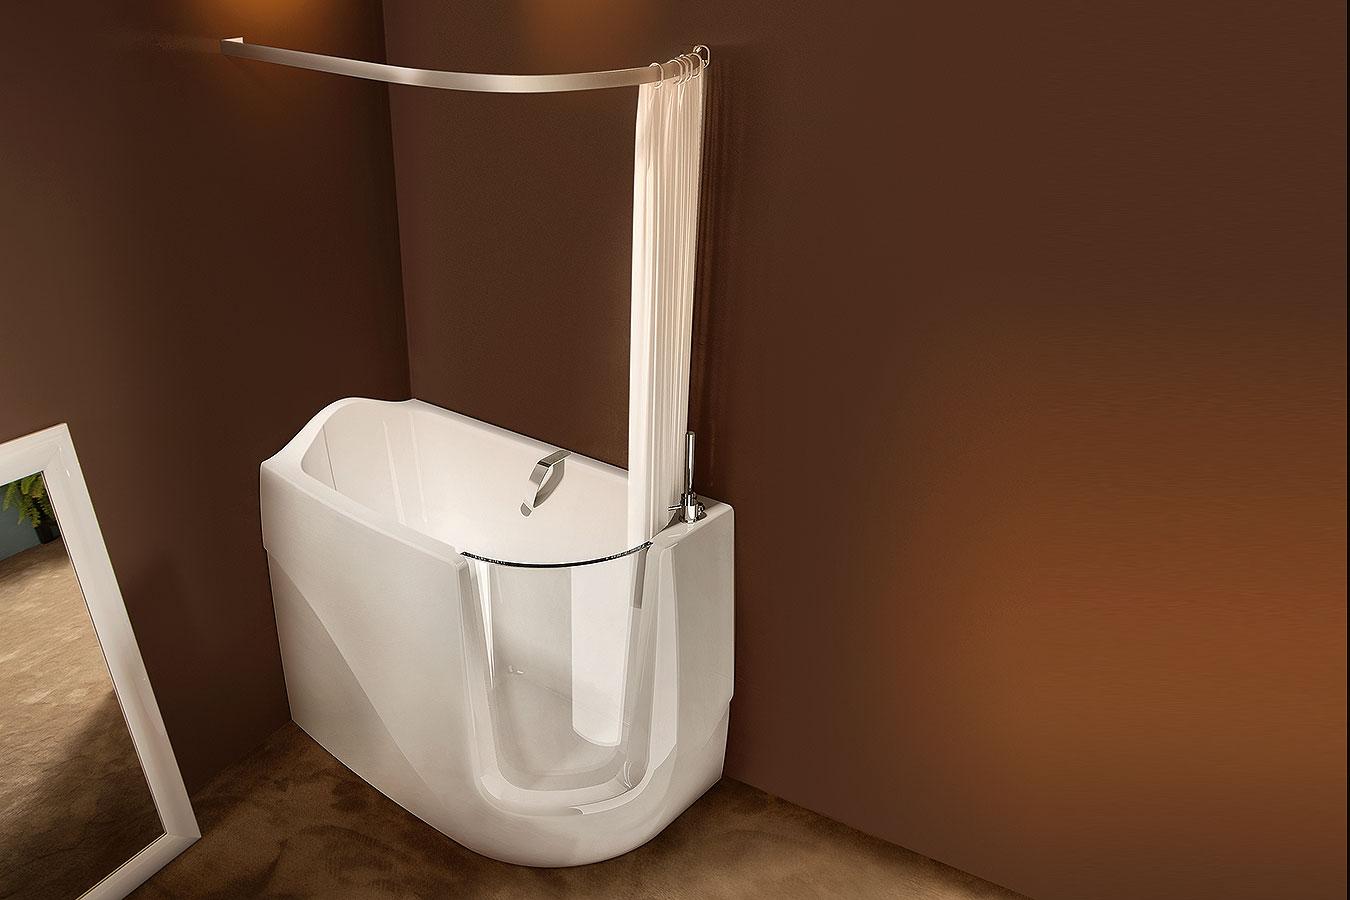 Vasca Da Bagno Usata Piccola : Vasca da bagno angolare misure vasca bagno piccola vasca da bagno